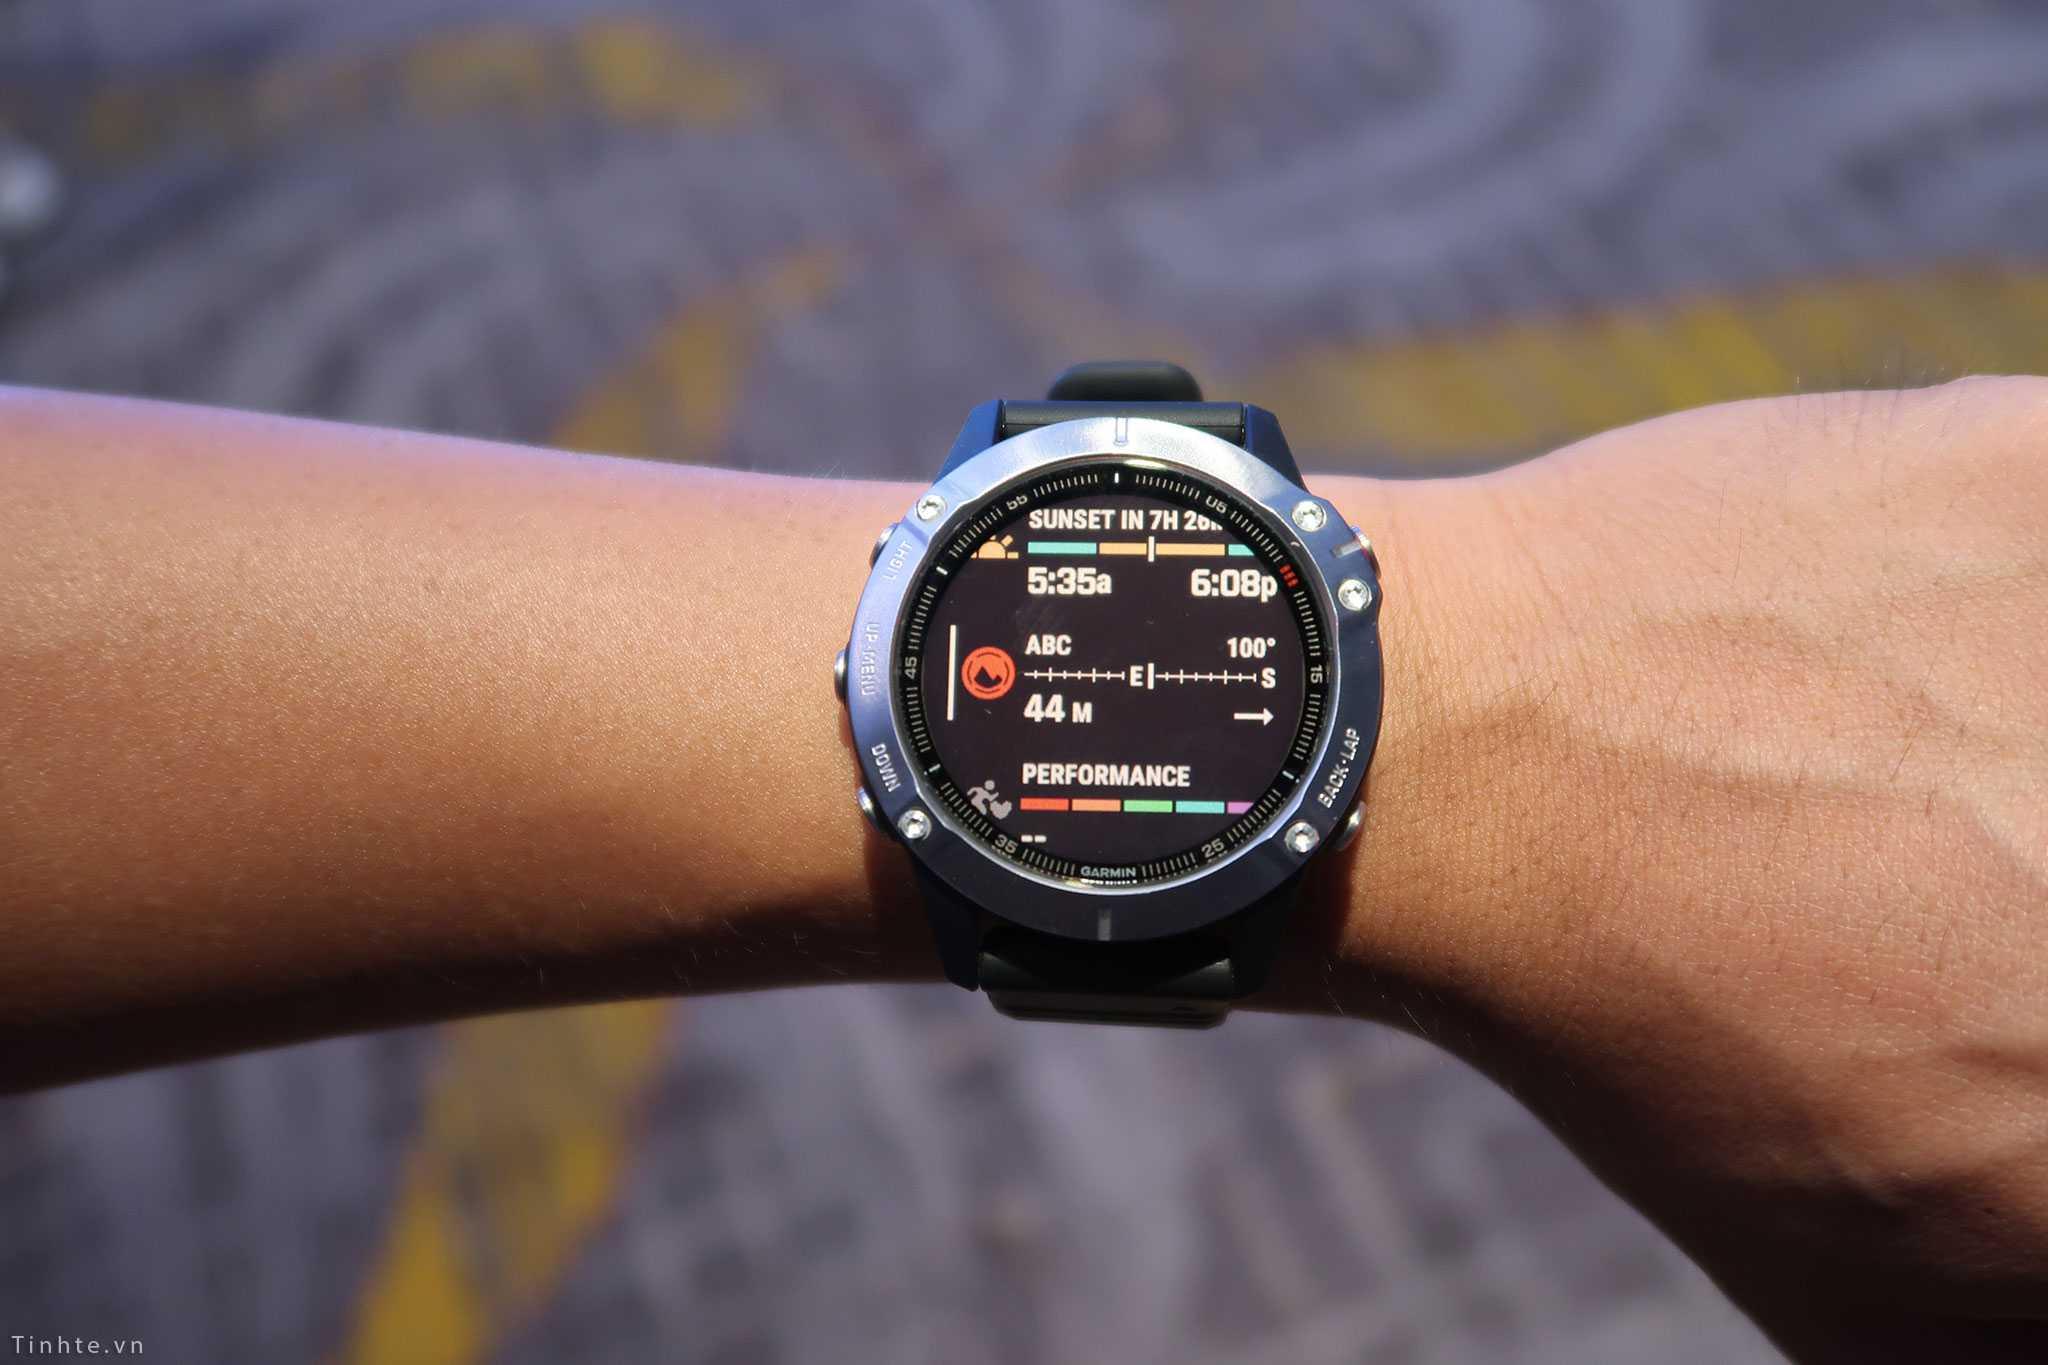 Обзор часов garmin fenix 6x pro solar с солнечной зарядкой — wylsacom